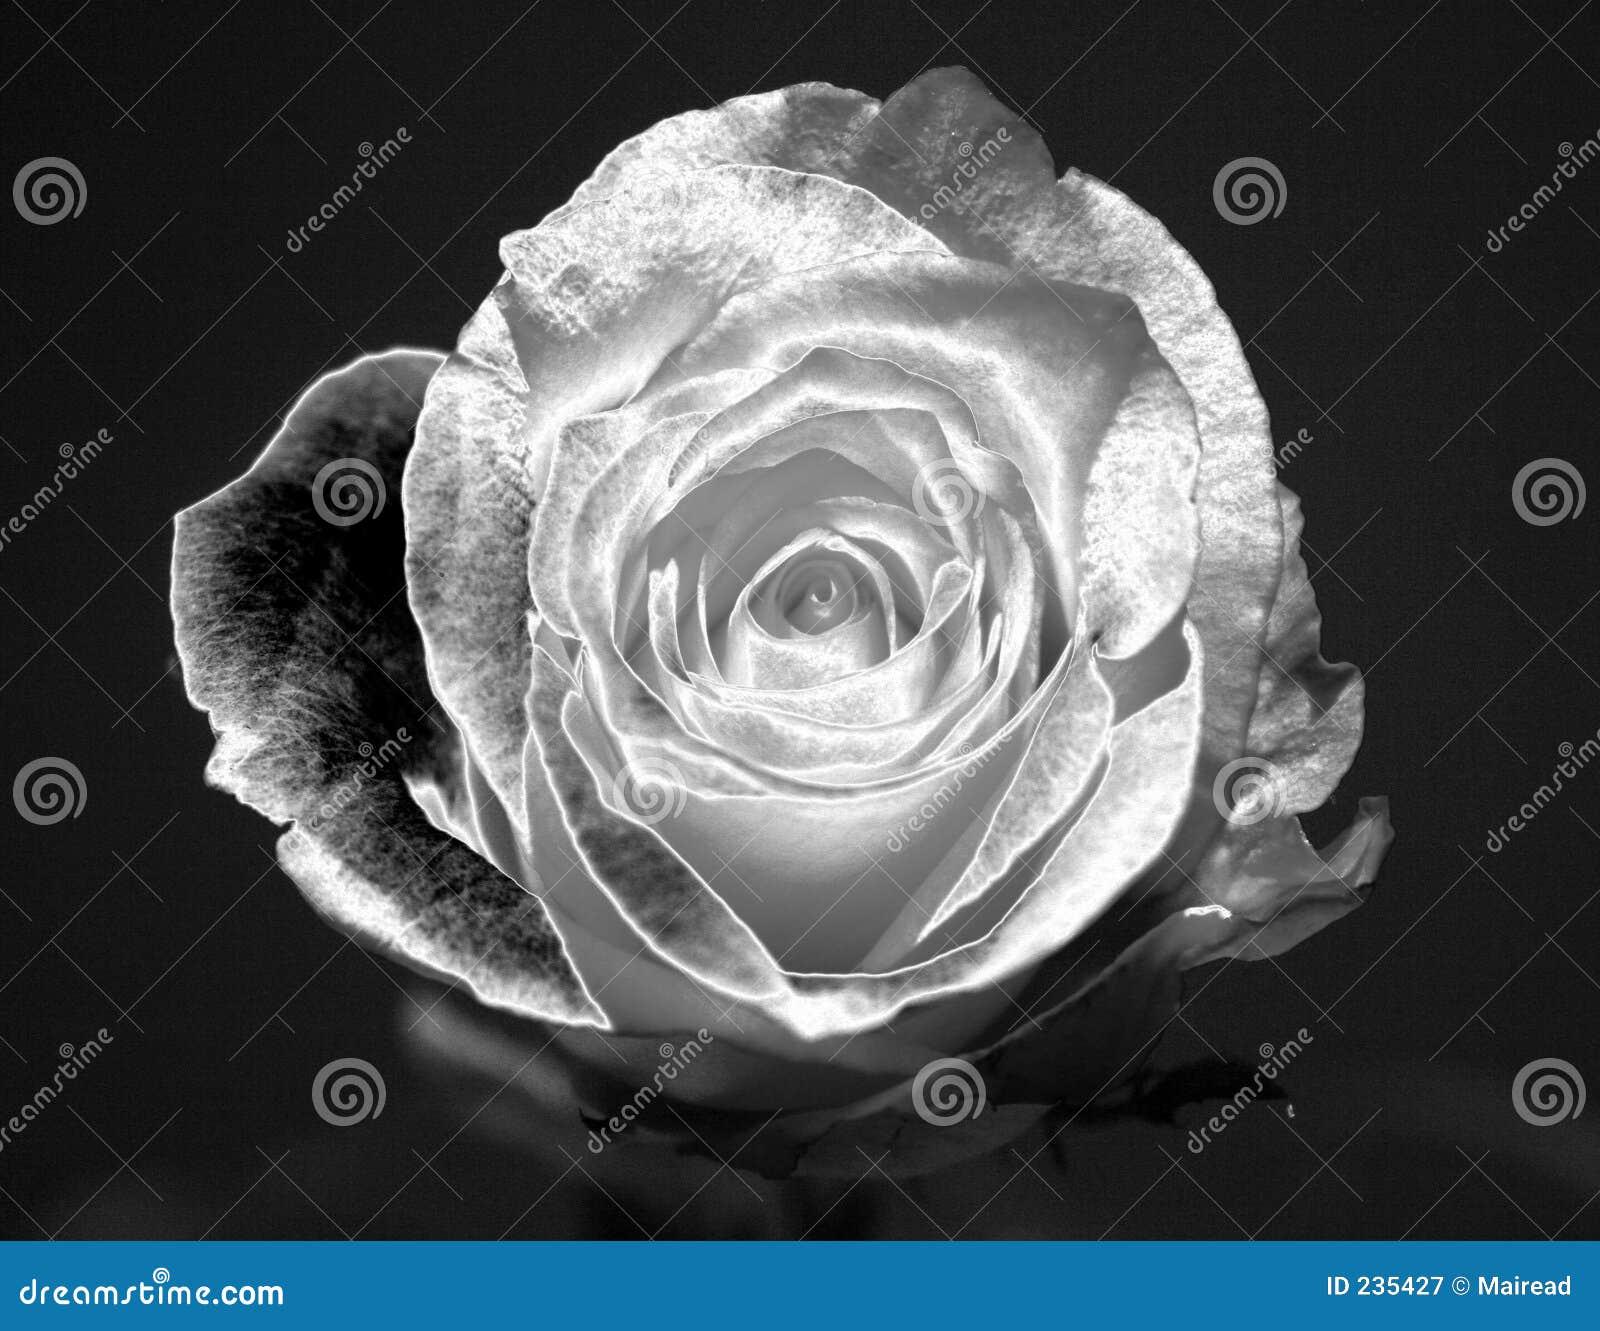 Download Metallic rose stock image. Image of night, black, bloom - 235427